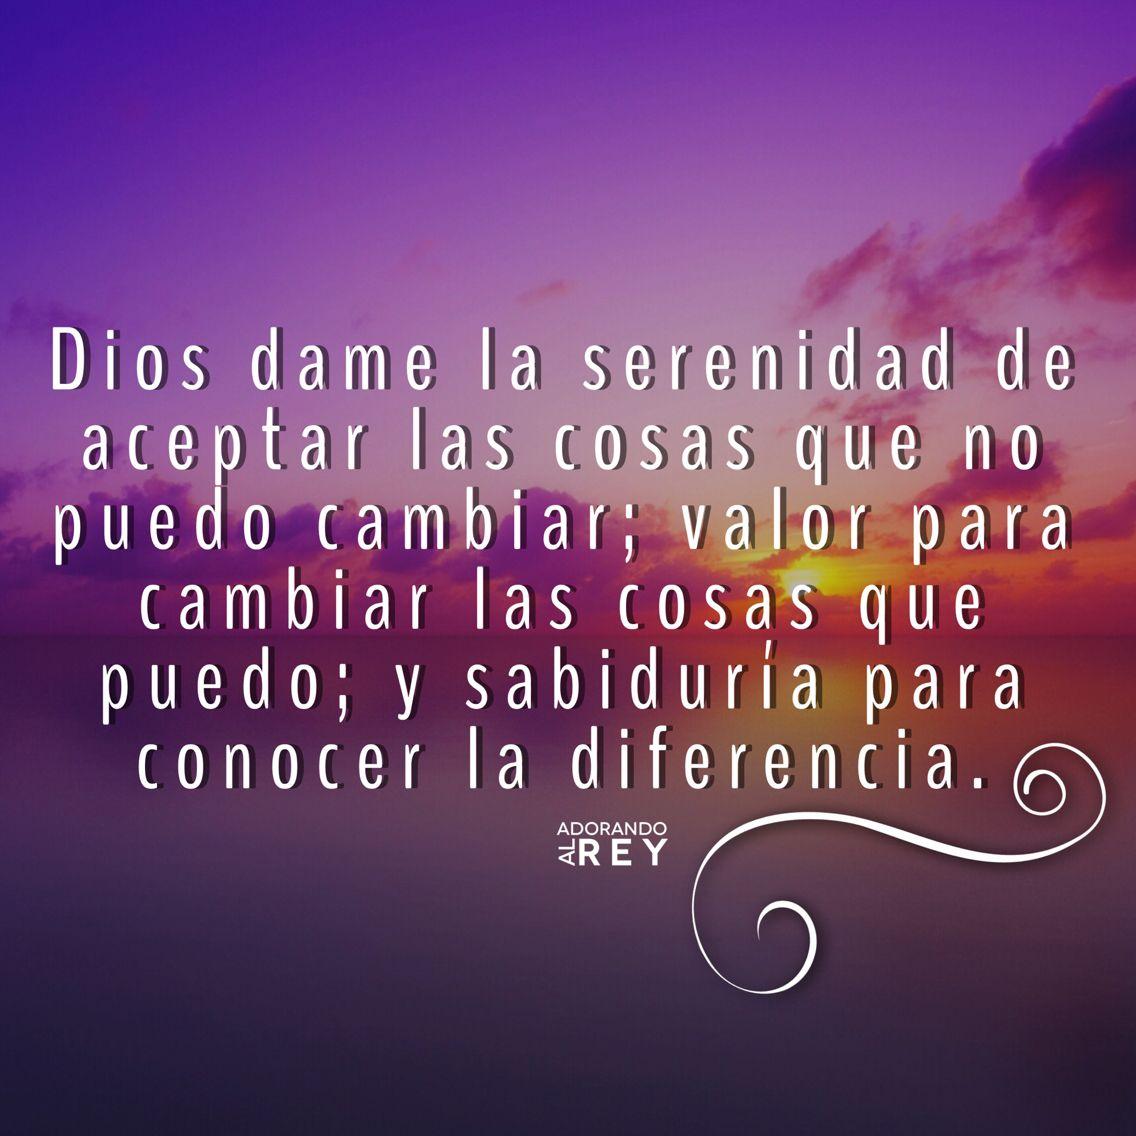 Dios dame la serenidad para aceptar las cosas que no puedo cambiar ...